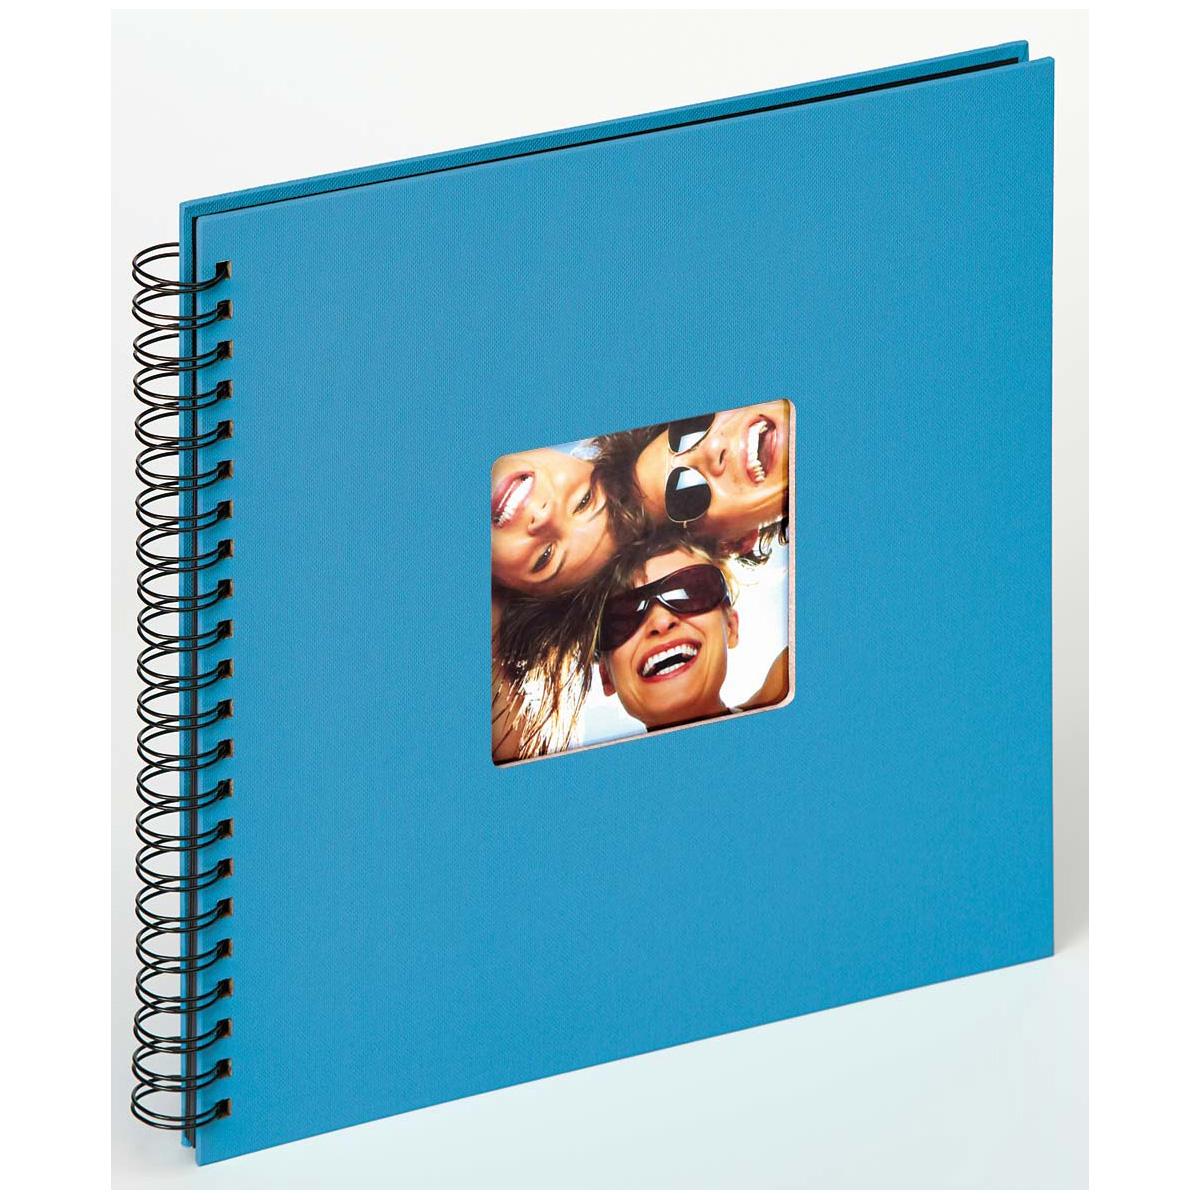 Spiralalbum Fun zum Einkleben, 30x30 cm oceanblau